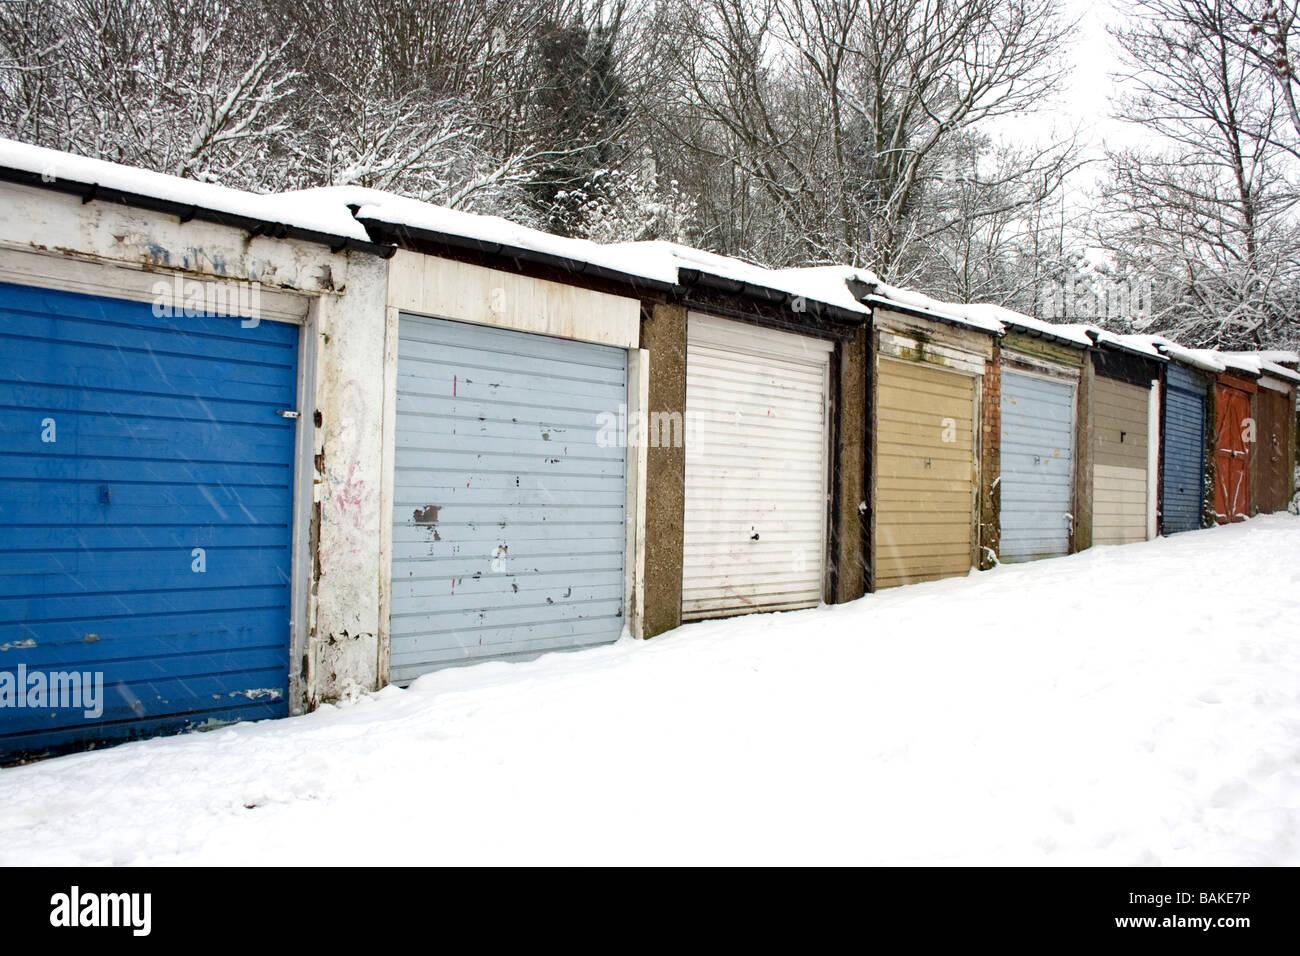 Una fila de Londres garajes con puertas de colores brillantes en contraste con la nieve y siluetas de árboles Imagen De Stock